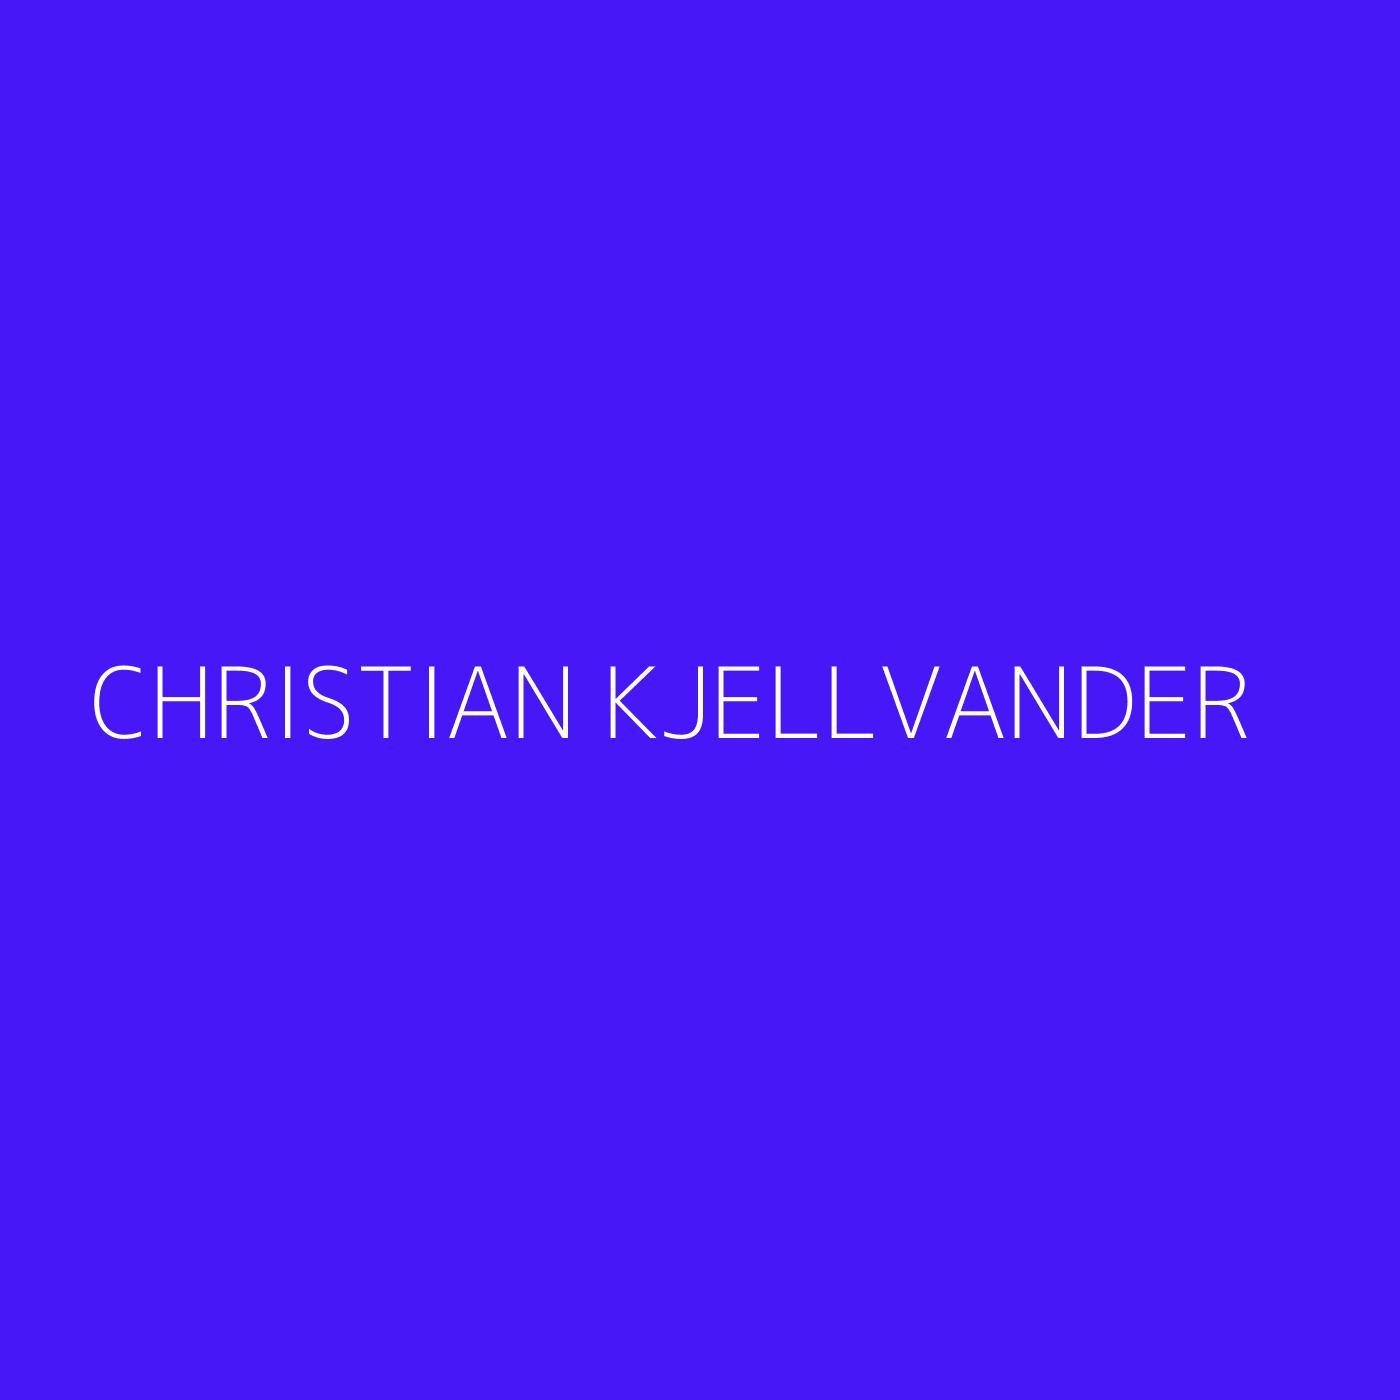 Christian Kjellvander Playlist Artwork